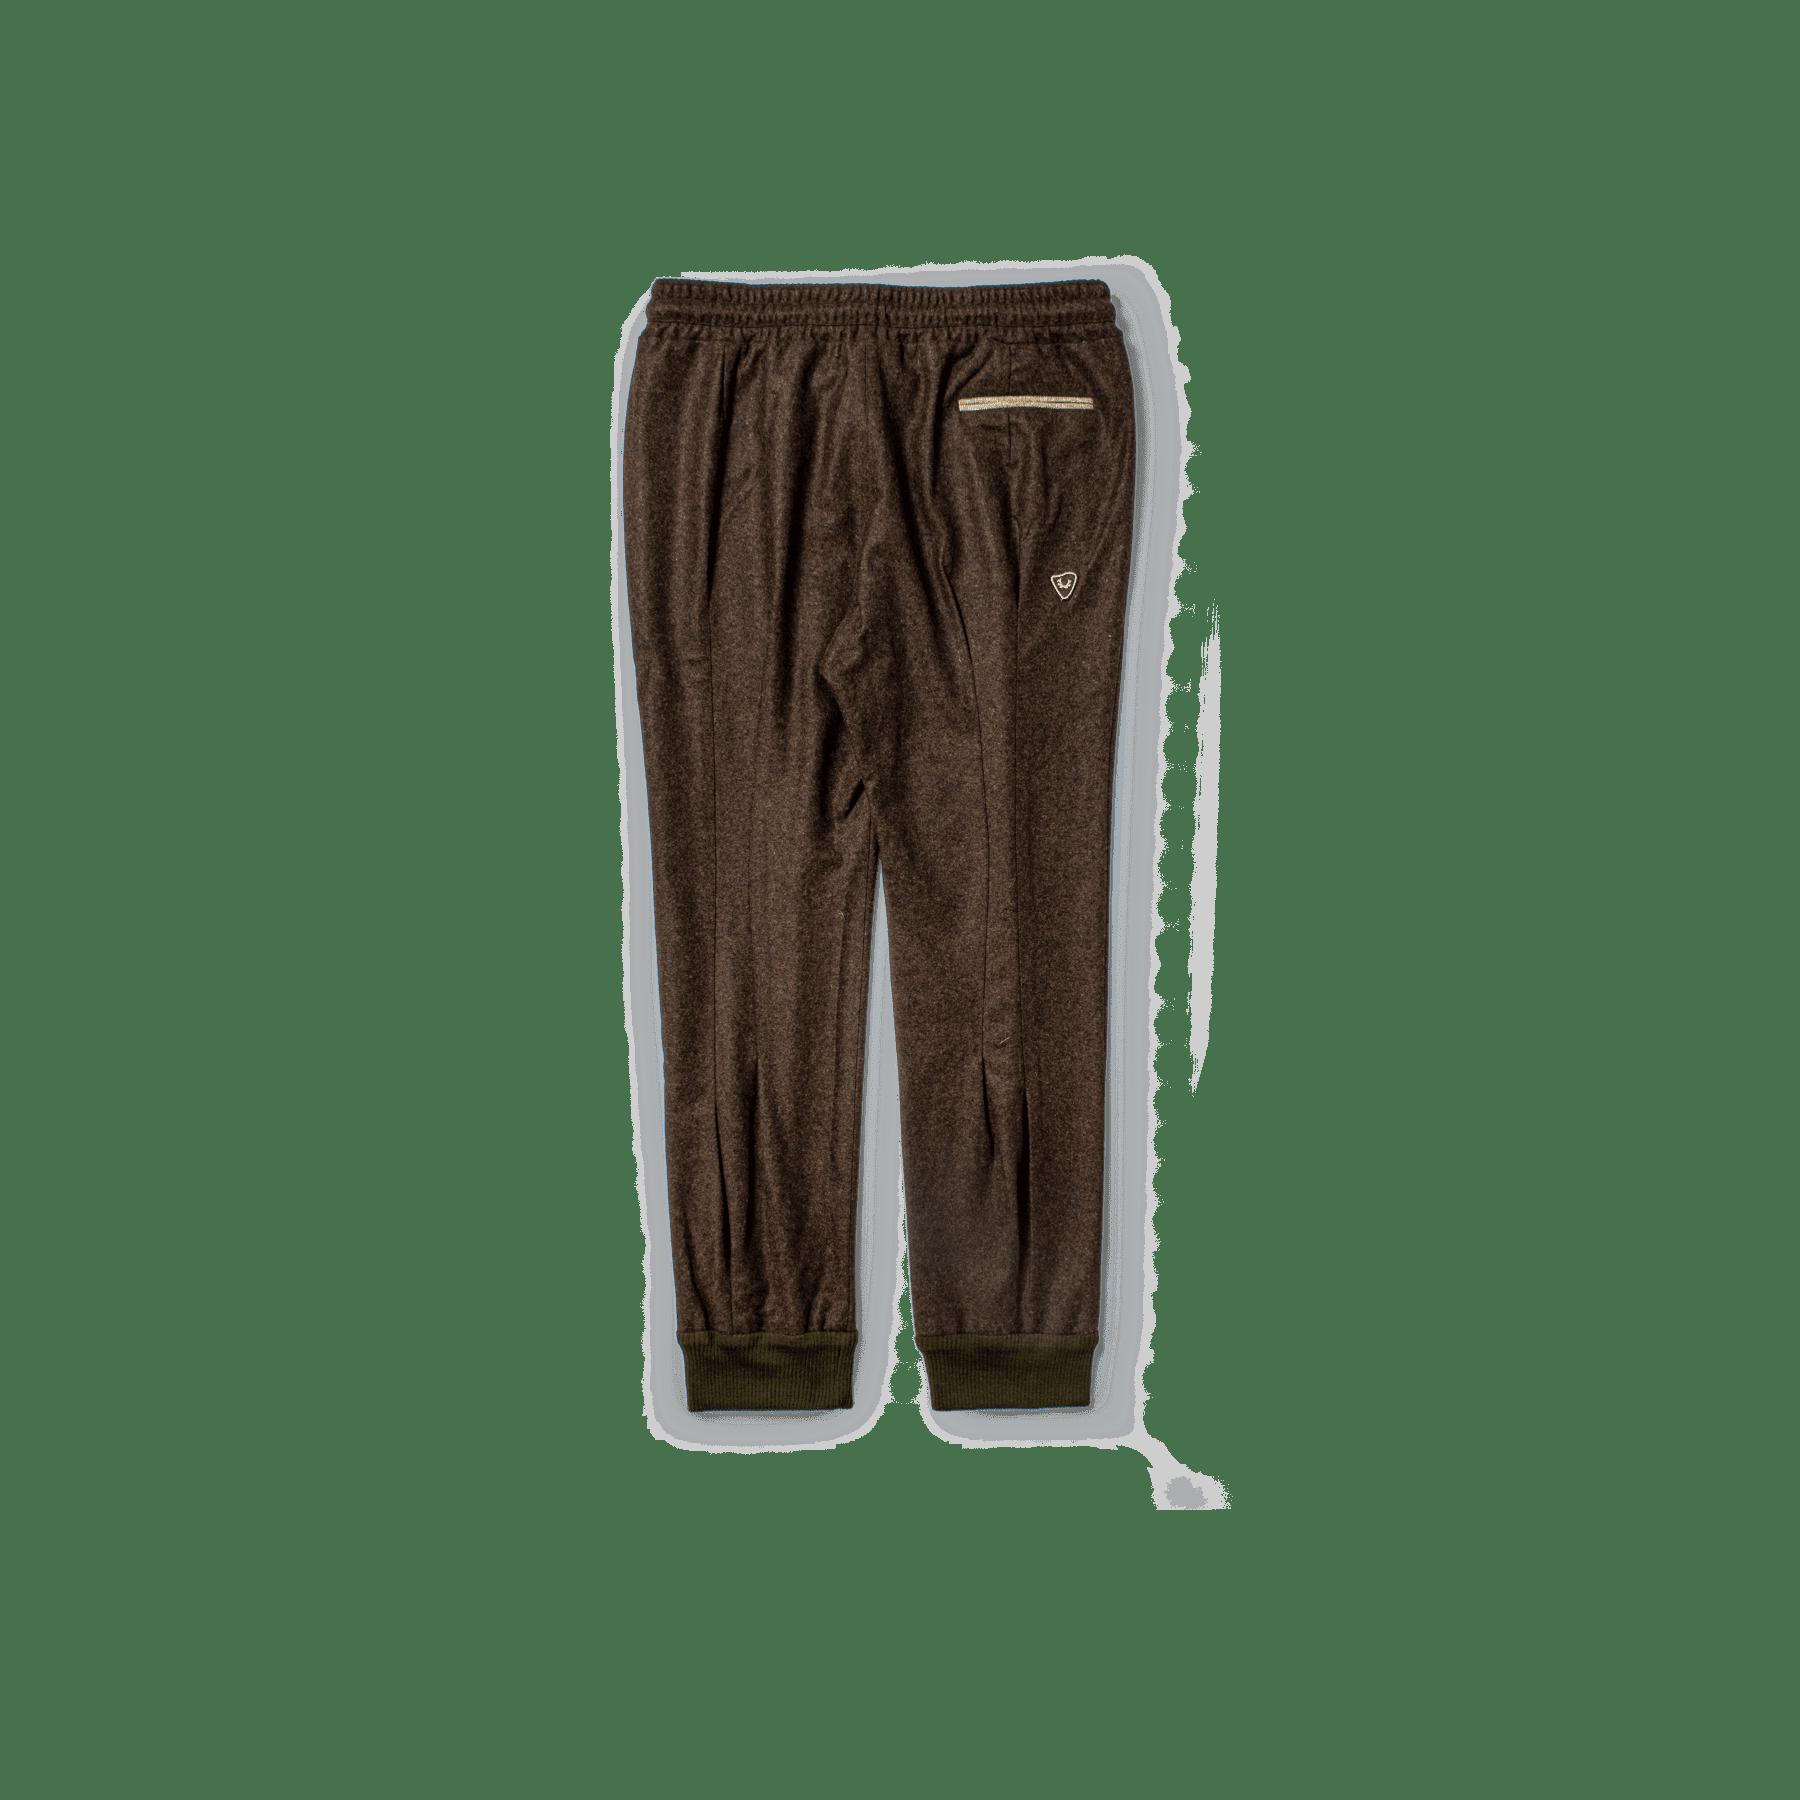 Lodenhose Relax Braun 2 Strizi